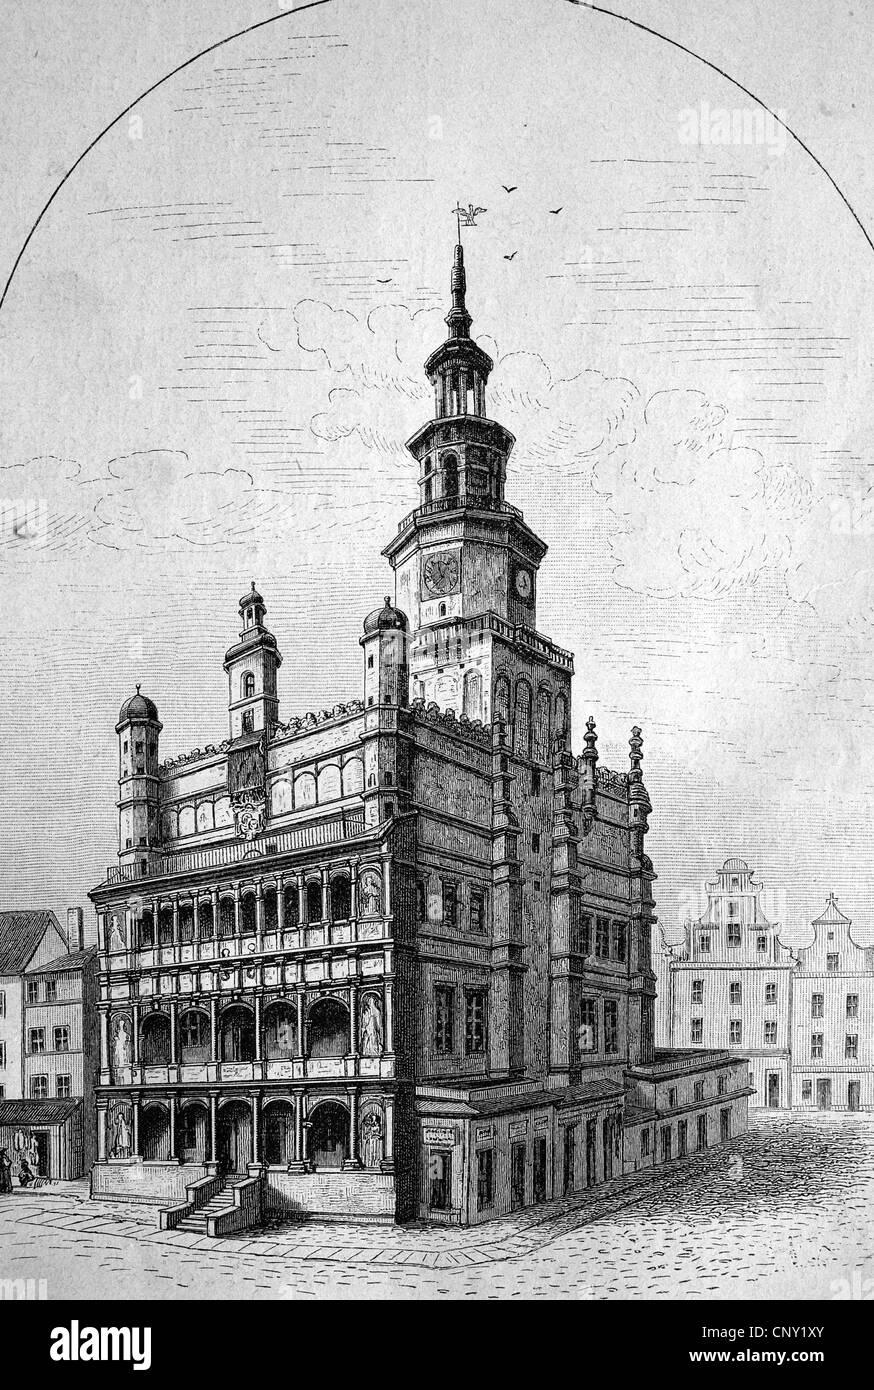 Town hall of Posen, Silesia, Poland, historical engraving, about 1888 - Stock Image